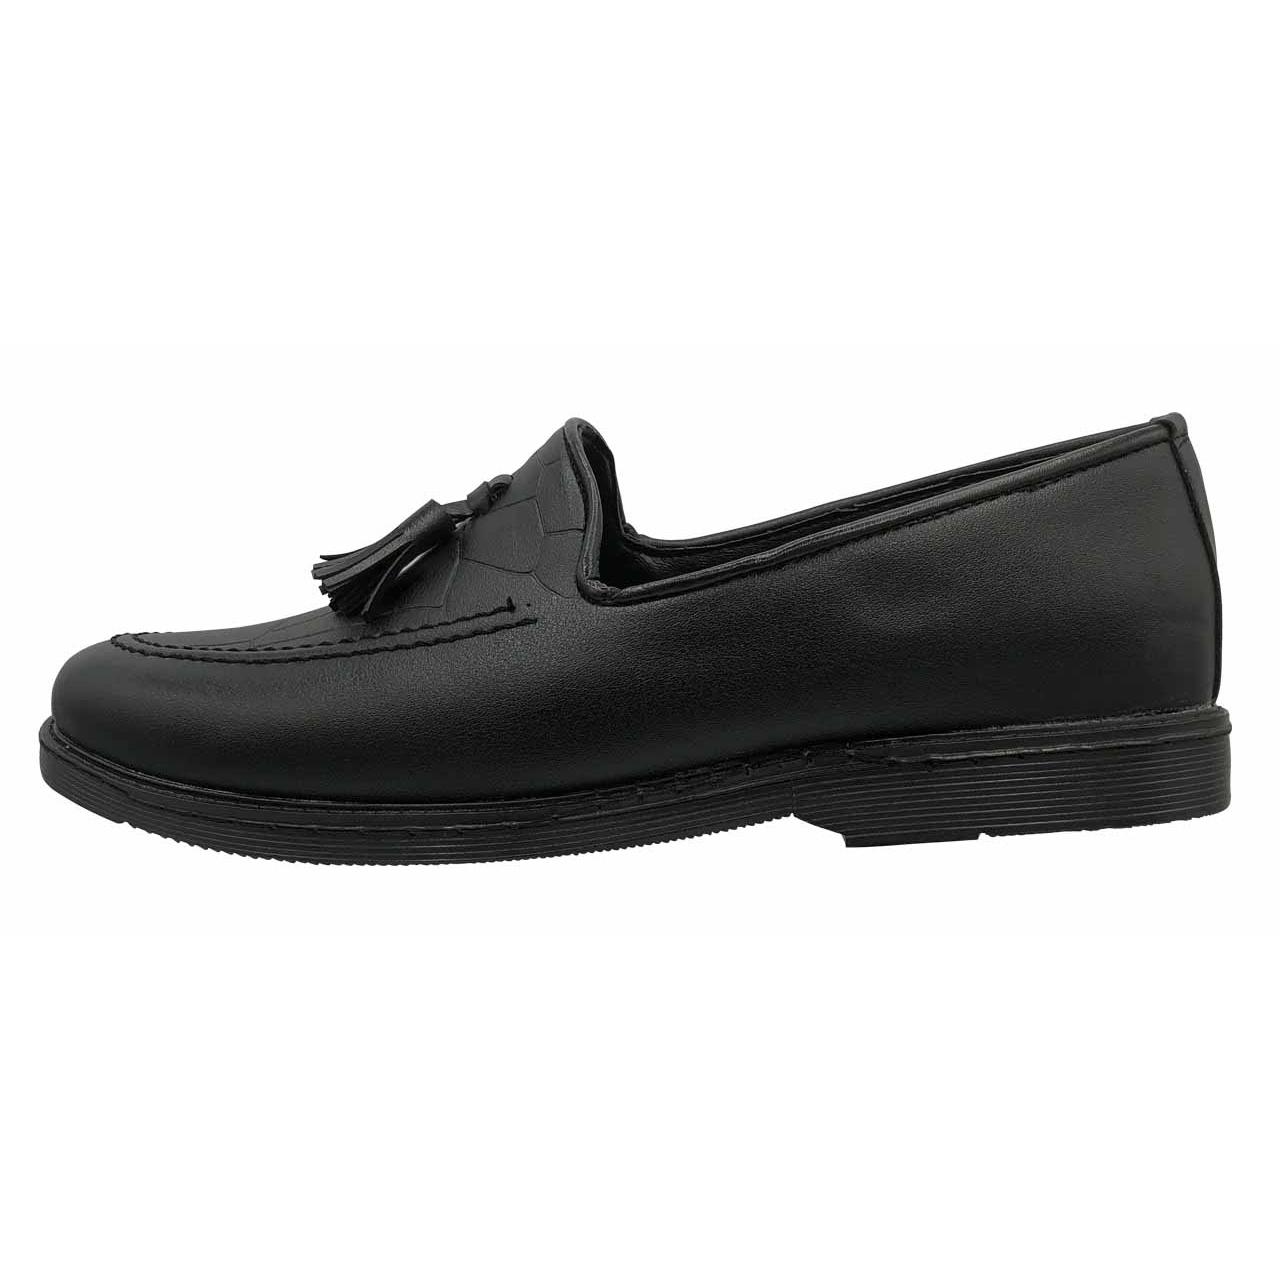 کفش مردانه کد 9778